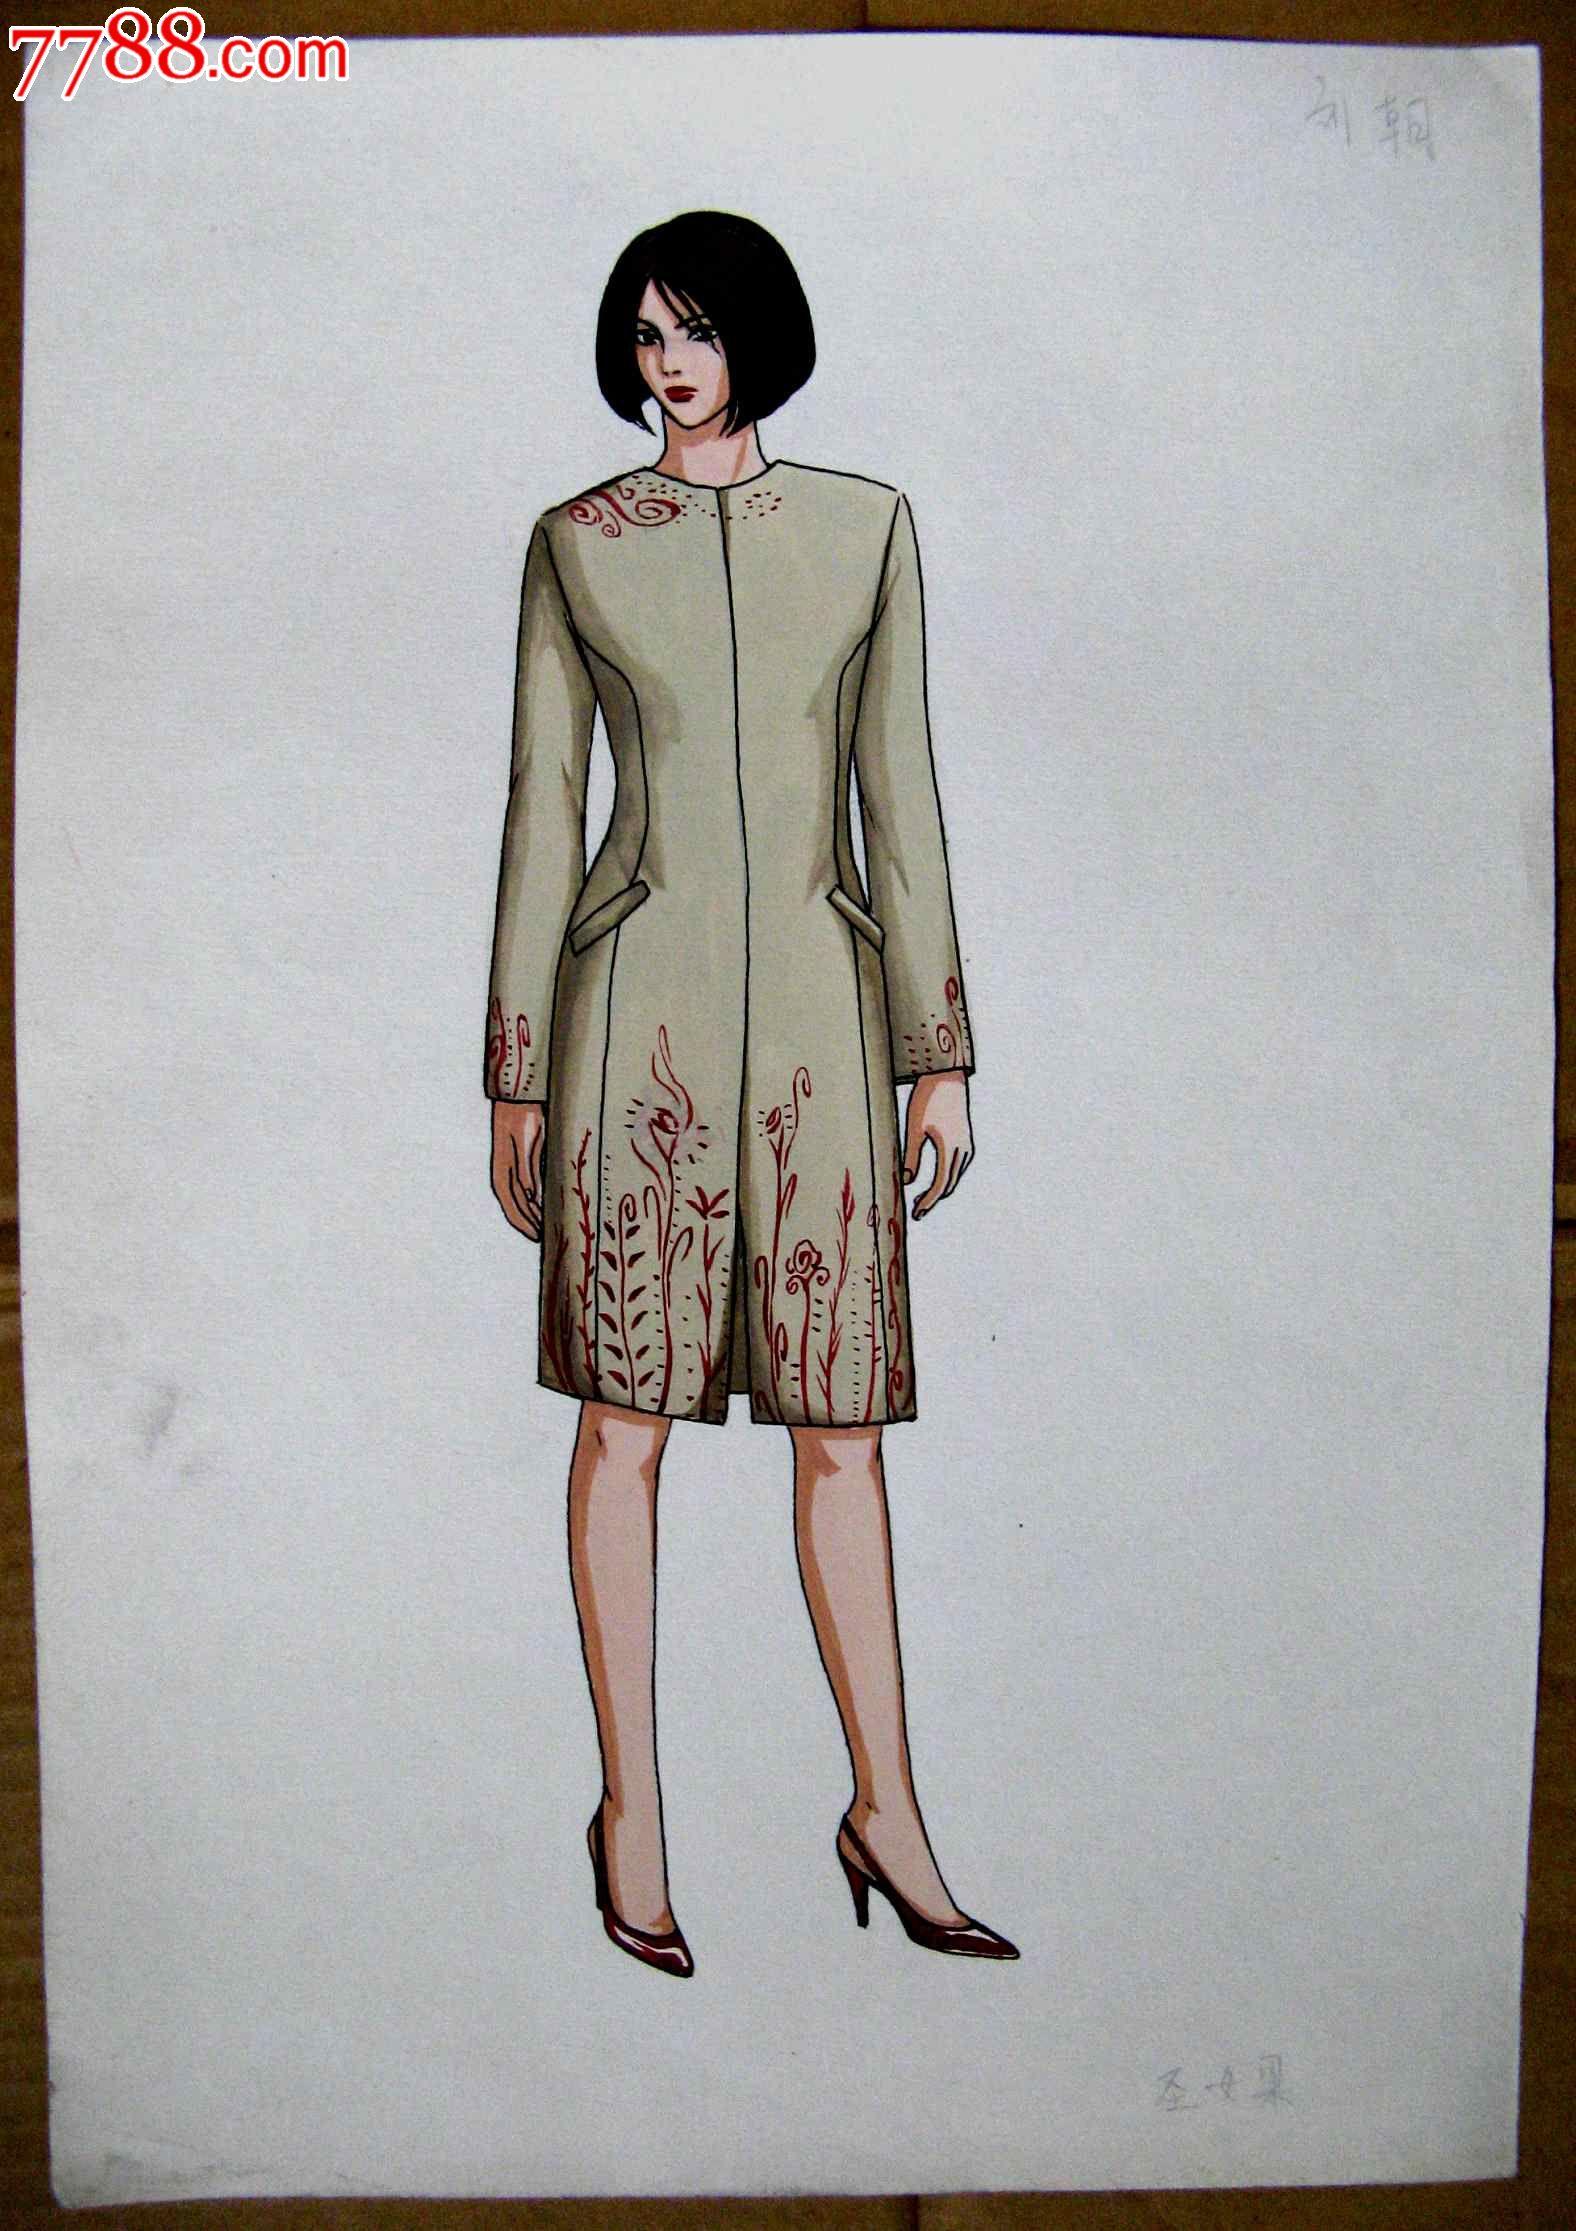 钢笔素描人物画:旗袍模特